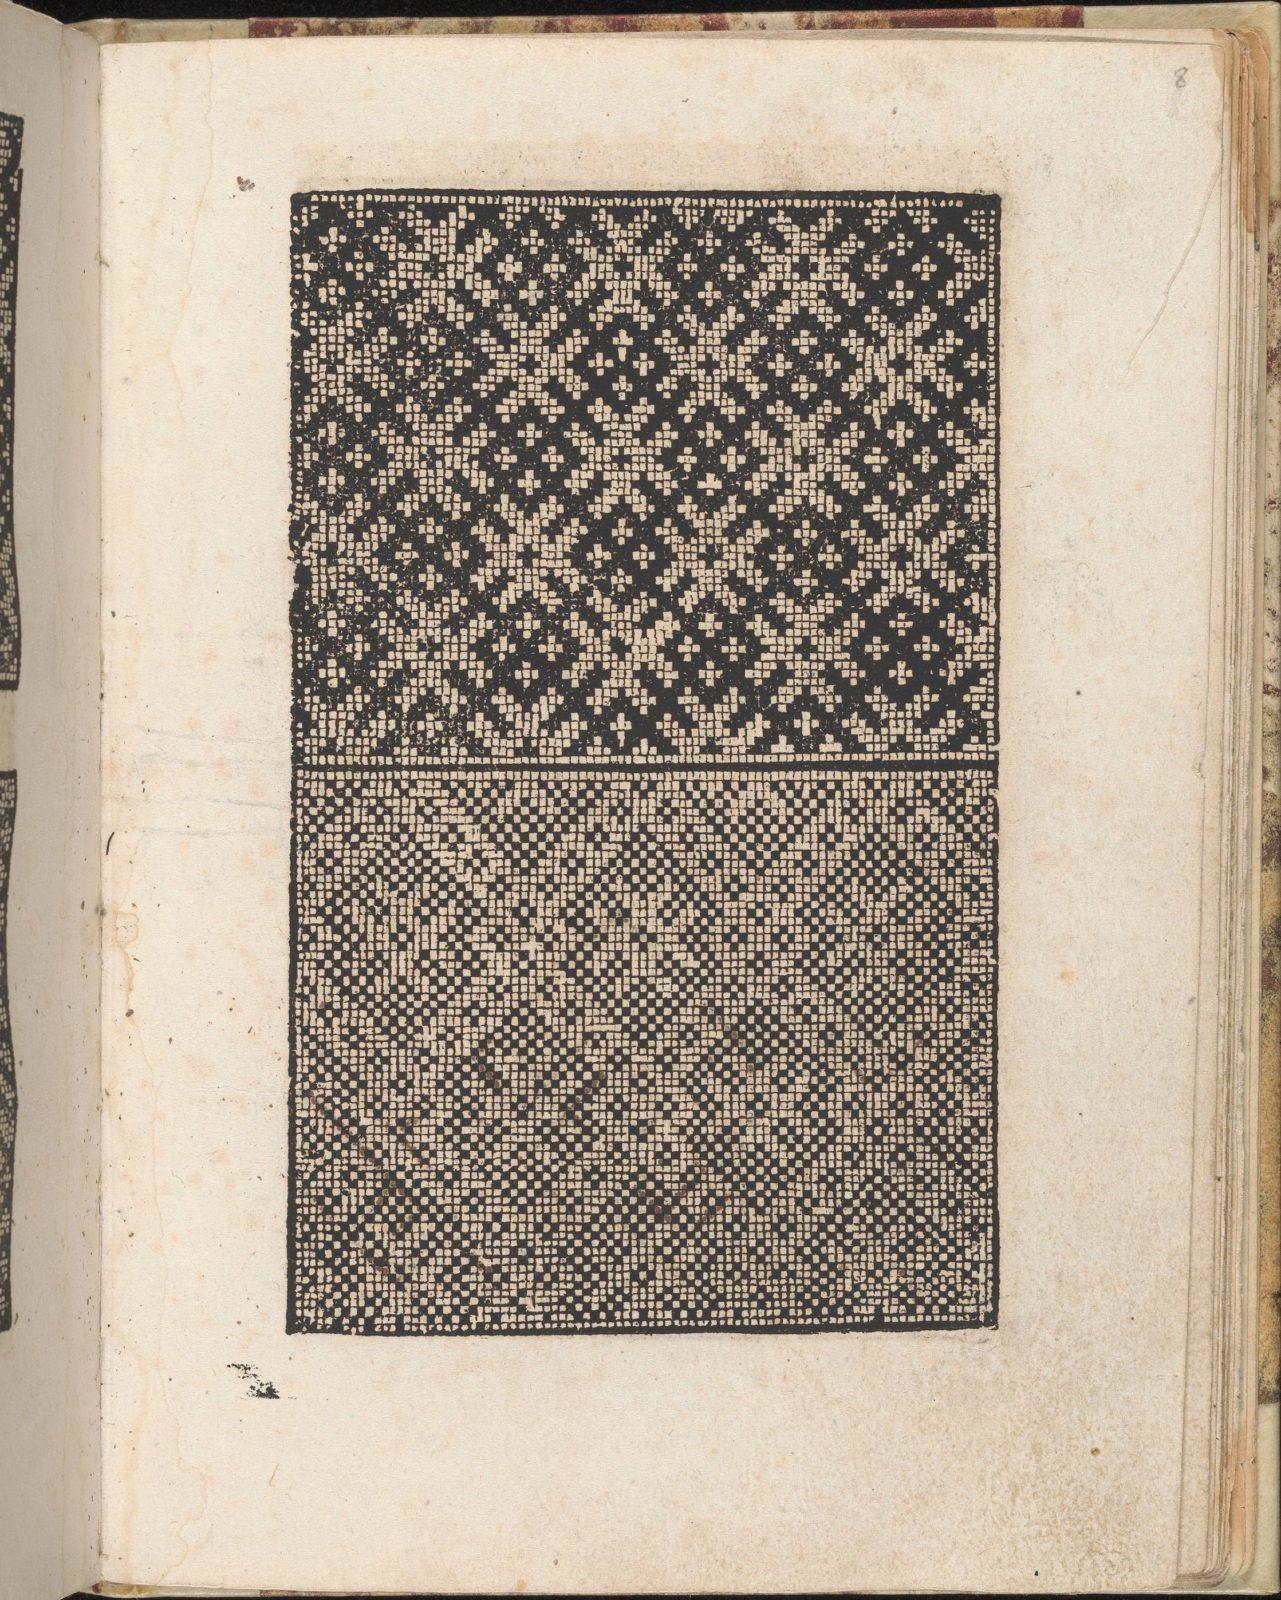 Ein new getruckt model Büchli...Page 7, verso